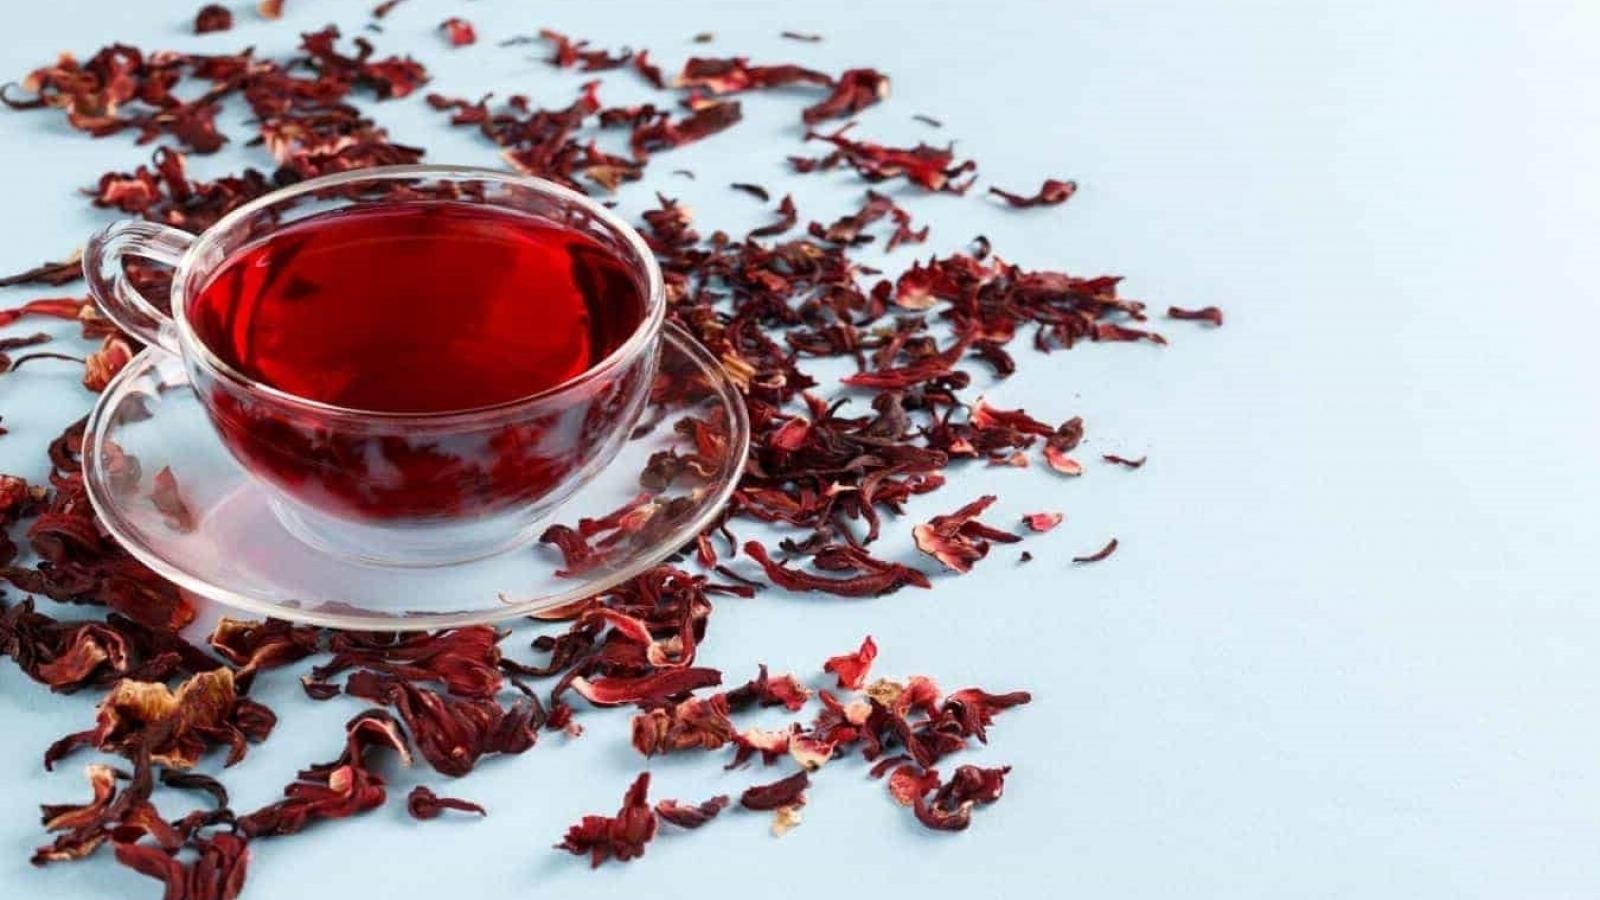 Công dụng tuyệt vời của hoa atiso đỏ đối với sức khỏe con người